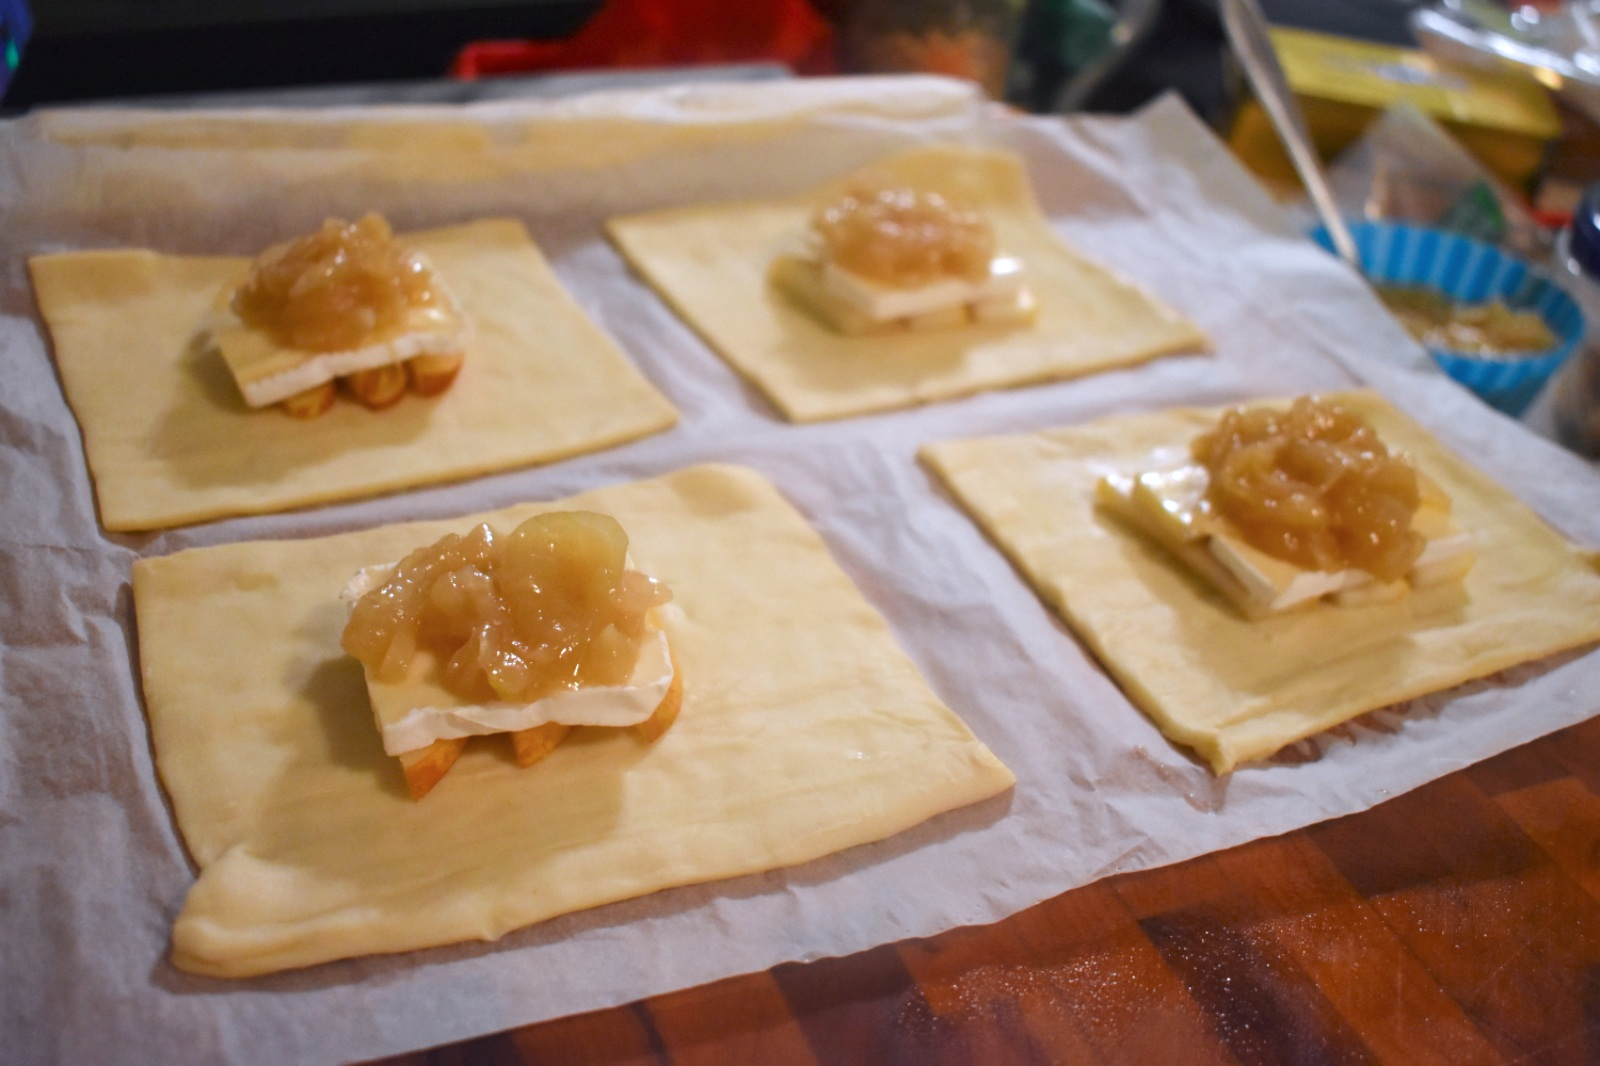 Feuilletés de poulet, brie et poire - Auboutdelalangue.com (5)